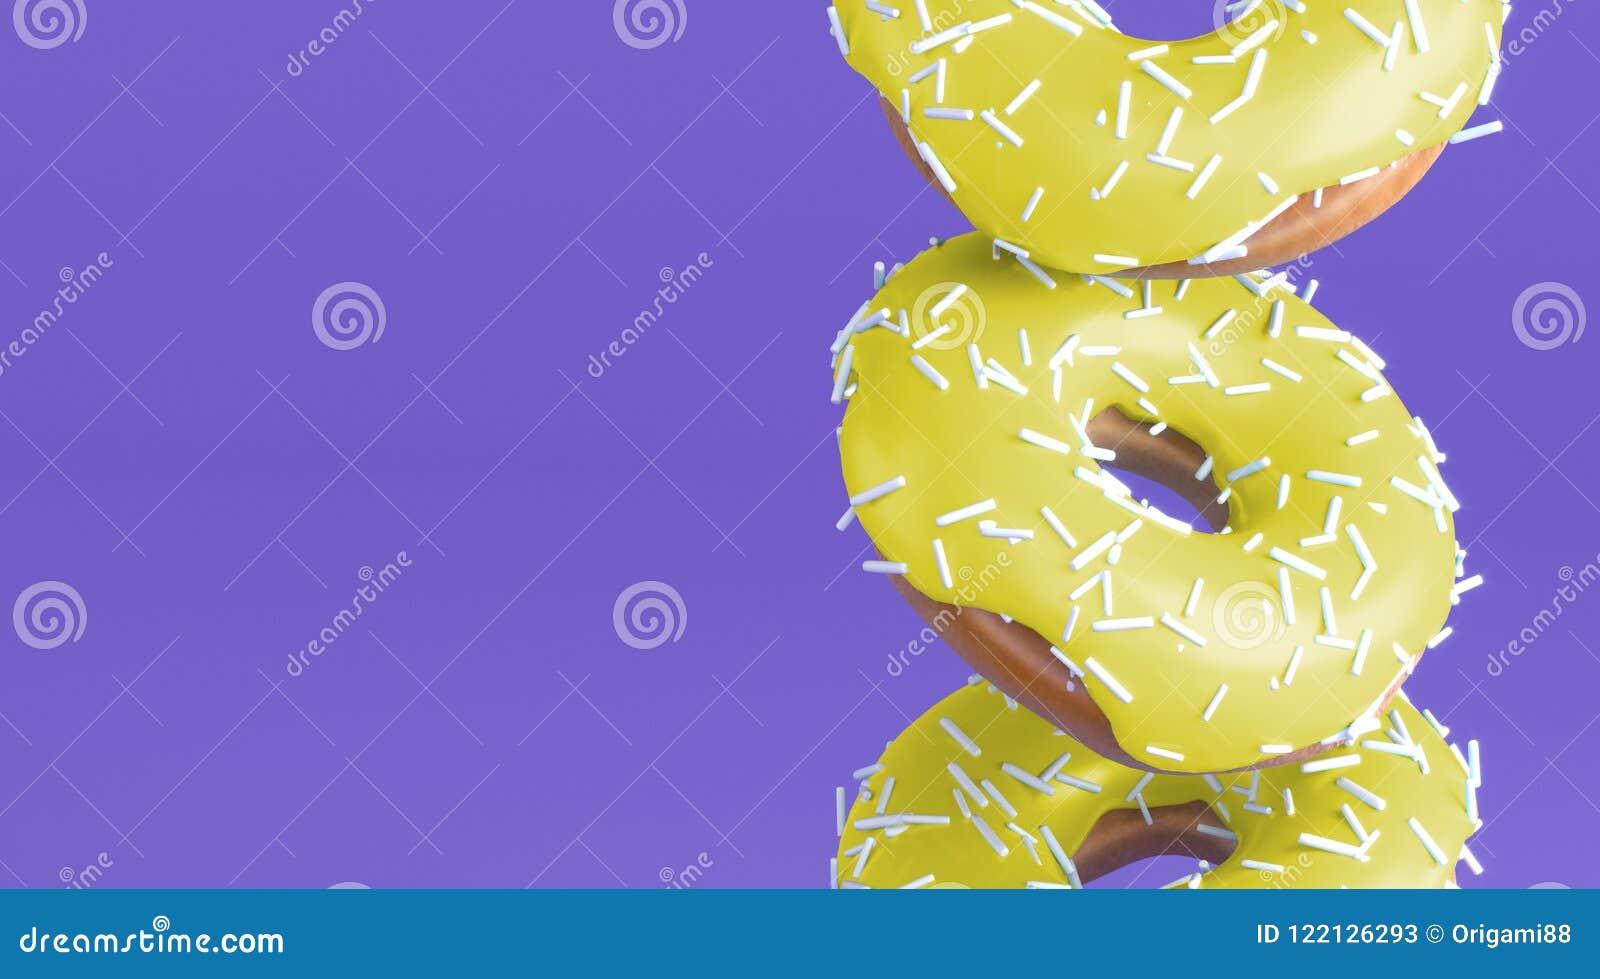 Guarnizioni di gomma piuma saporite con la glassa gialla luminosa e la decorazione bianca per cuocere, vicine su su fondo viola m